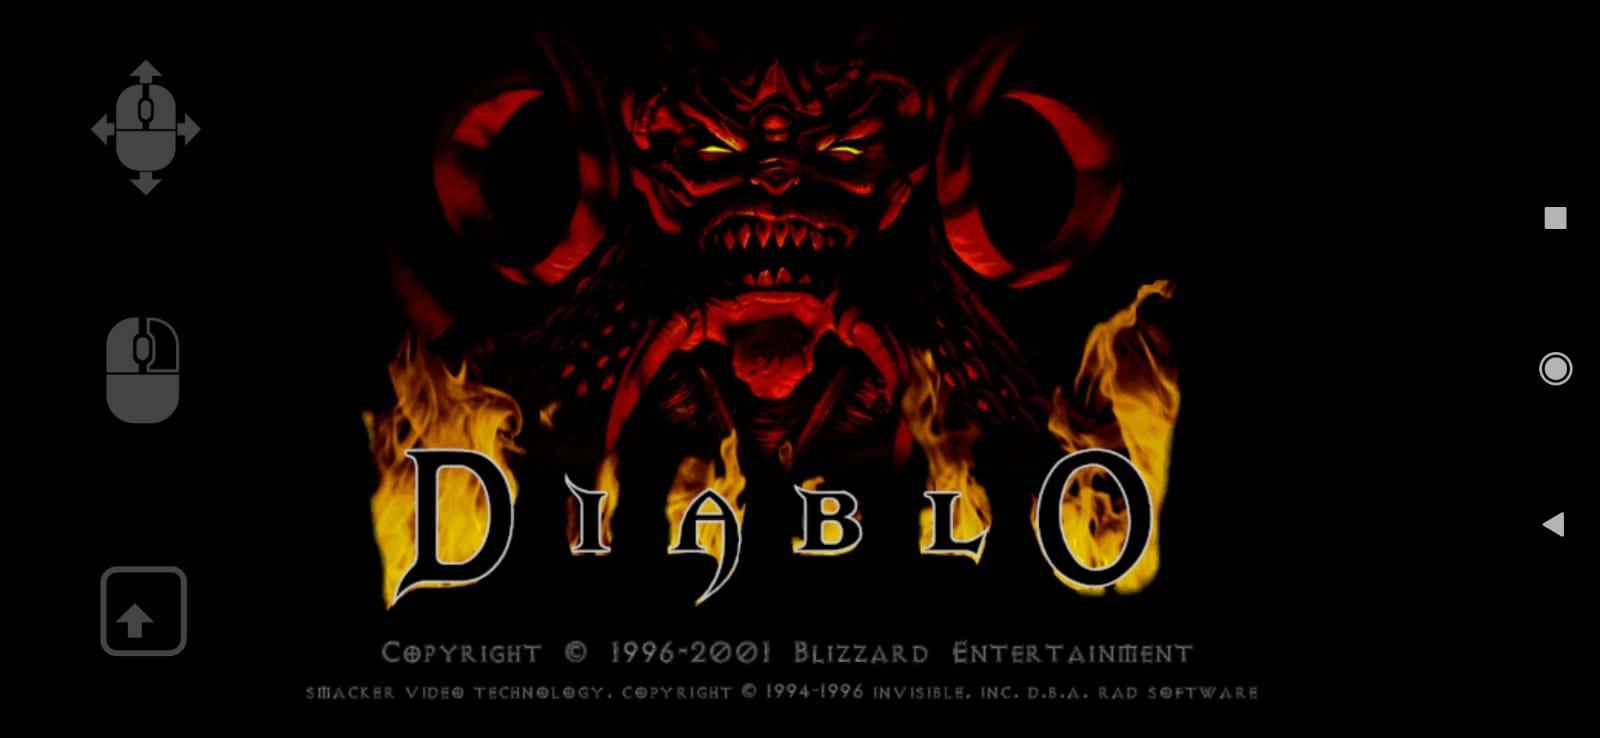 DiabloAndroidSmartphoneTabletAppleiPhoneiPadiOSDiablo-für-AndroidDiablo-für-iOSDiablo-für-SmartphonesDiablo-für-TabletsDiablo-für-iPhonesDiablo-für-iPadsherunterladeninstallierennutzen-1.png